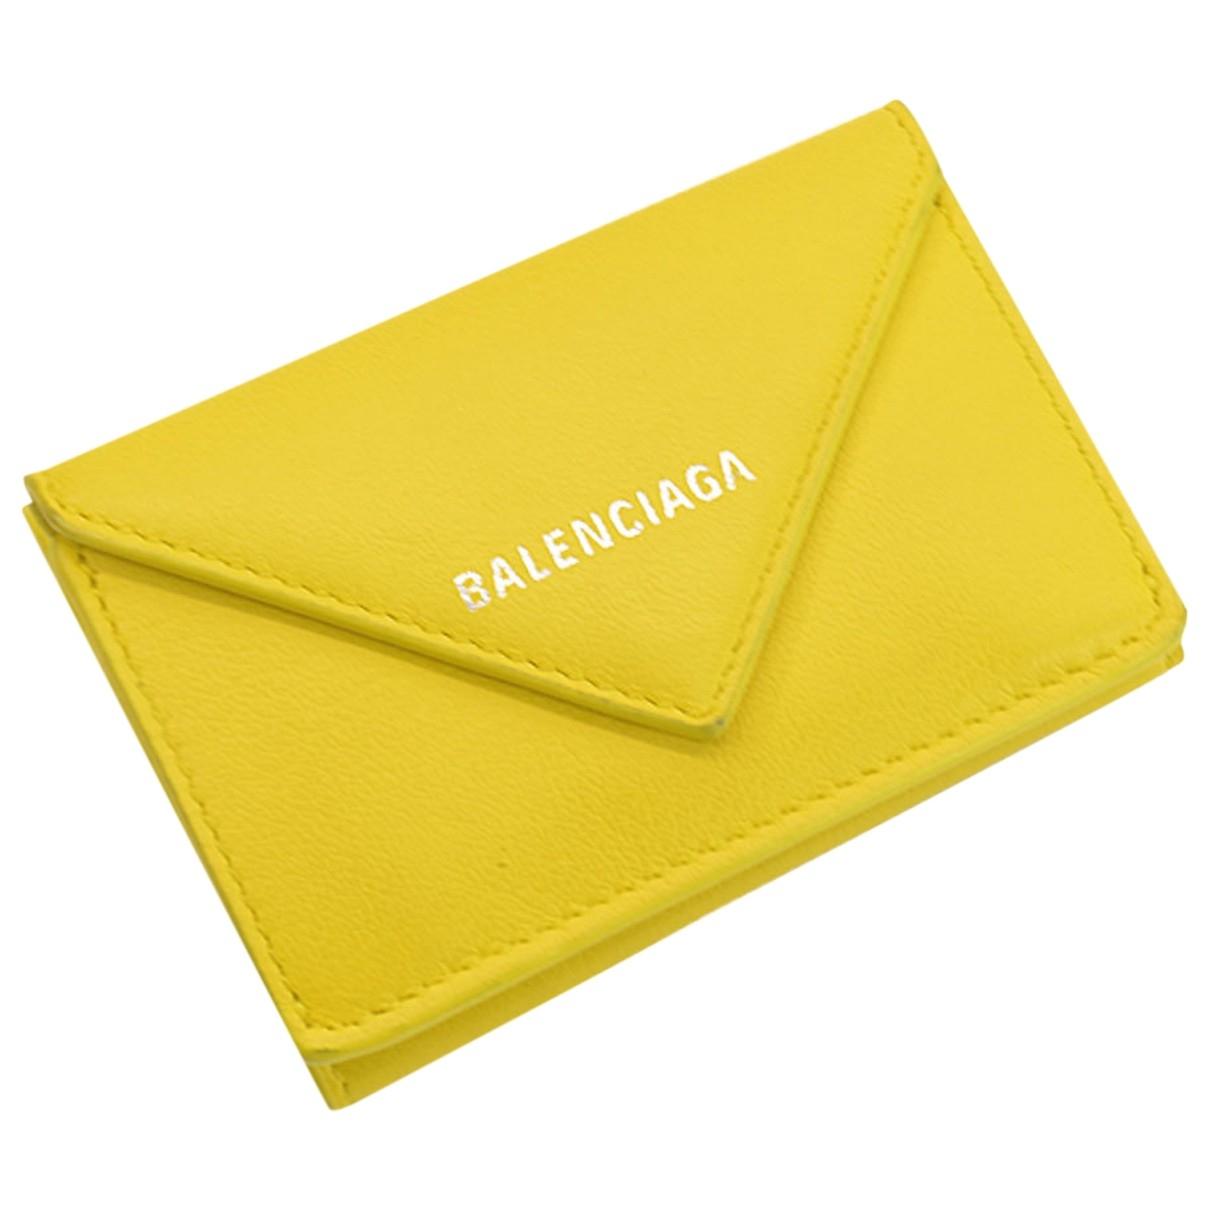 Balenciaga - Portefeuille   pour femme en cuir - jaune